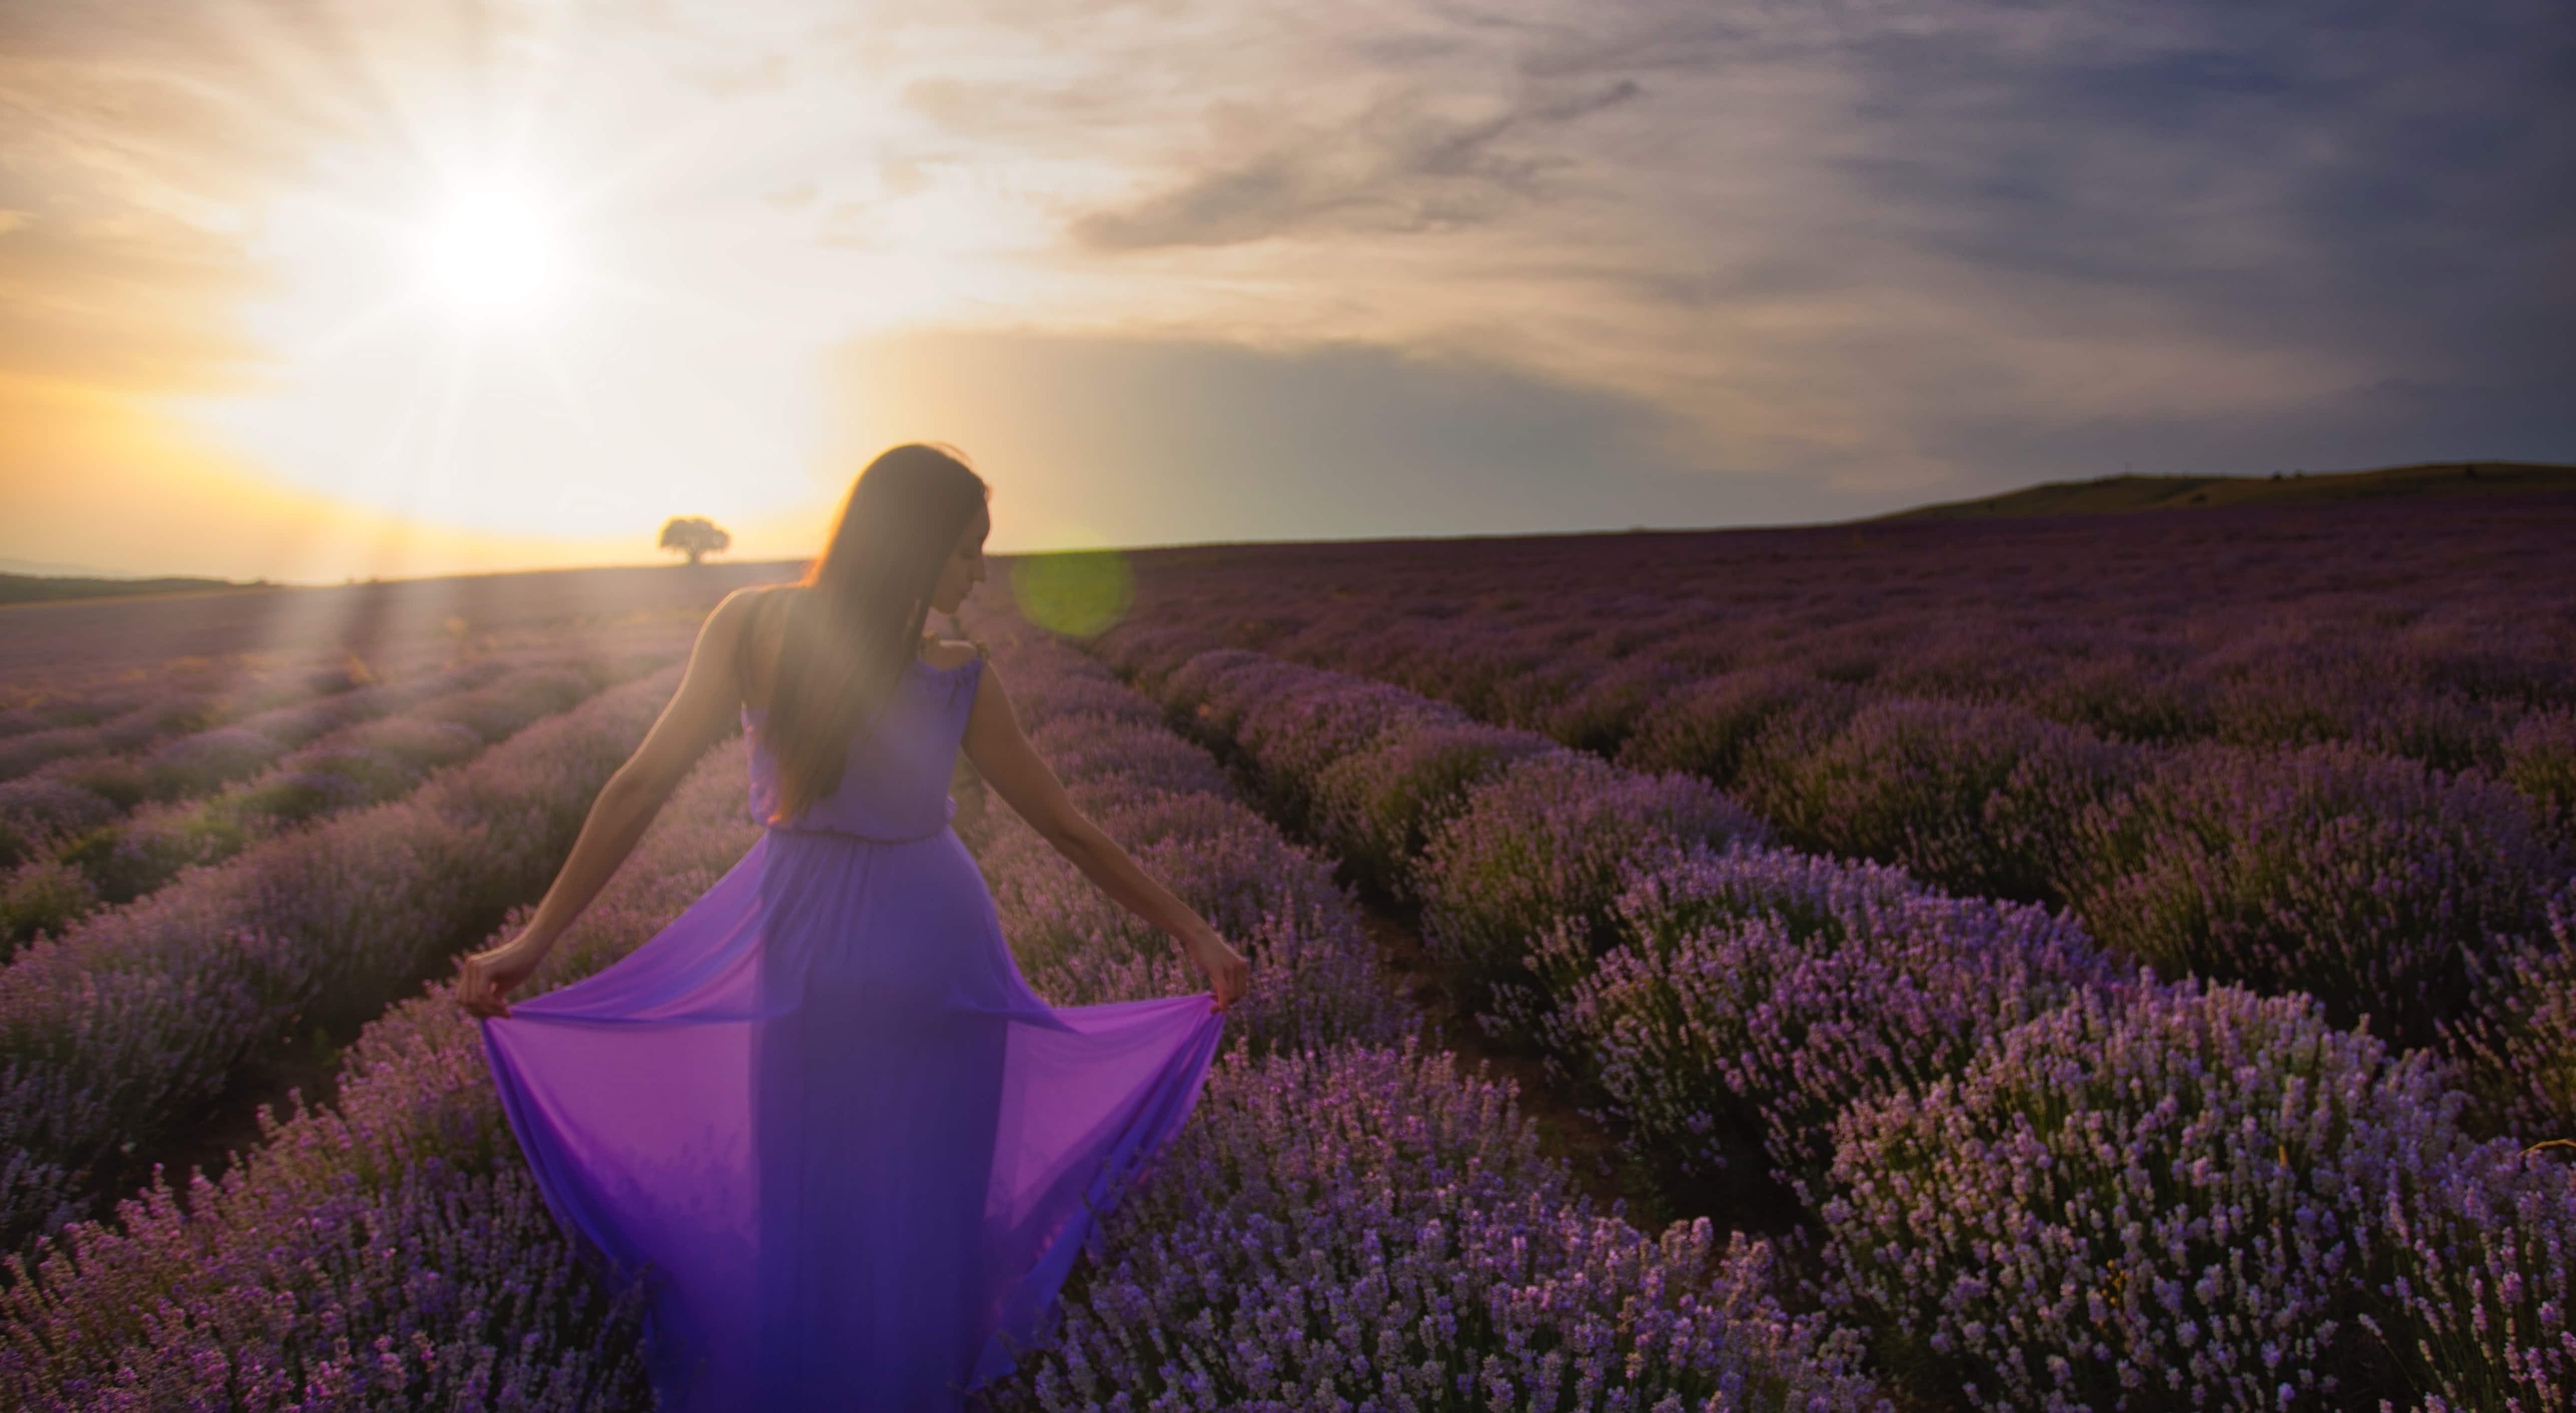 woman in purple dress standing in lavender field